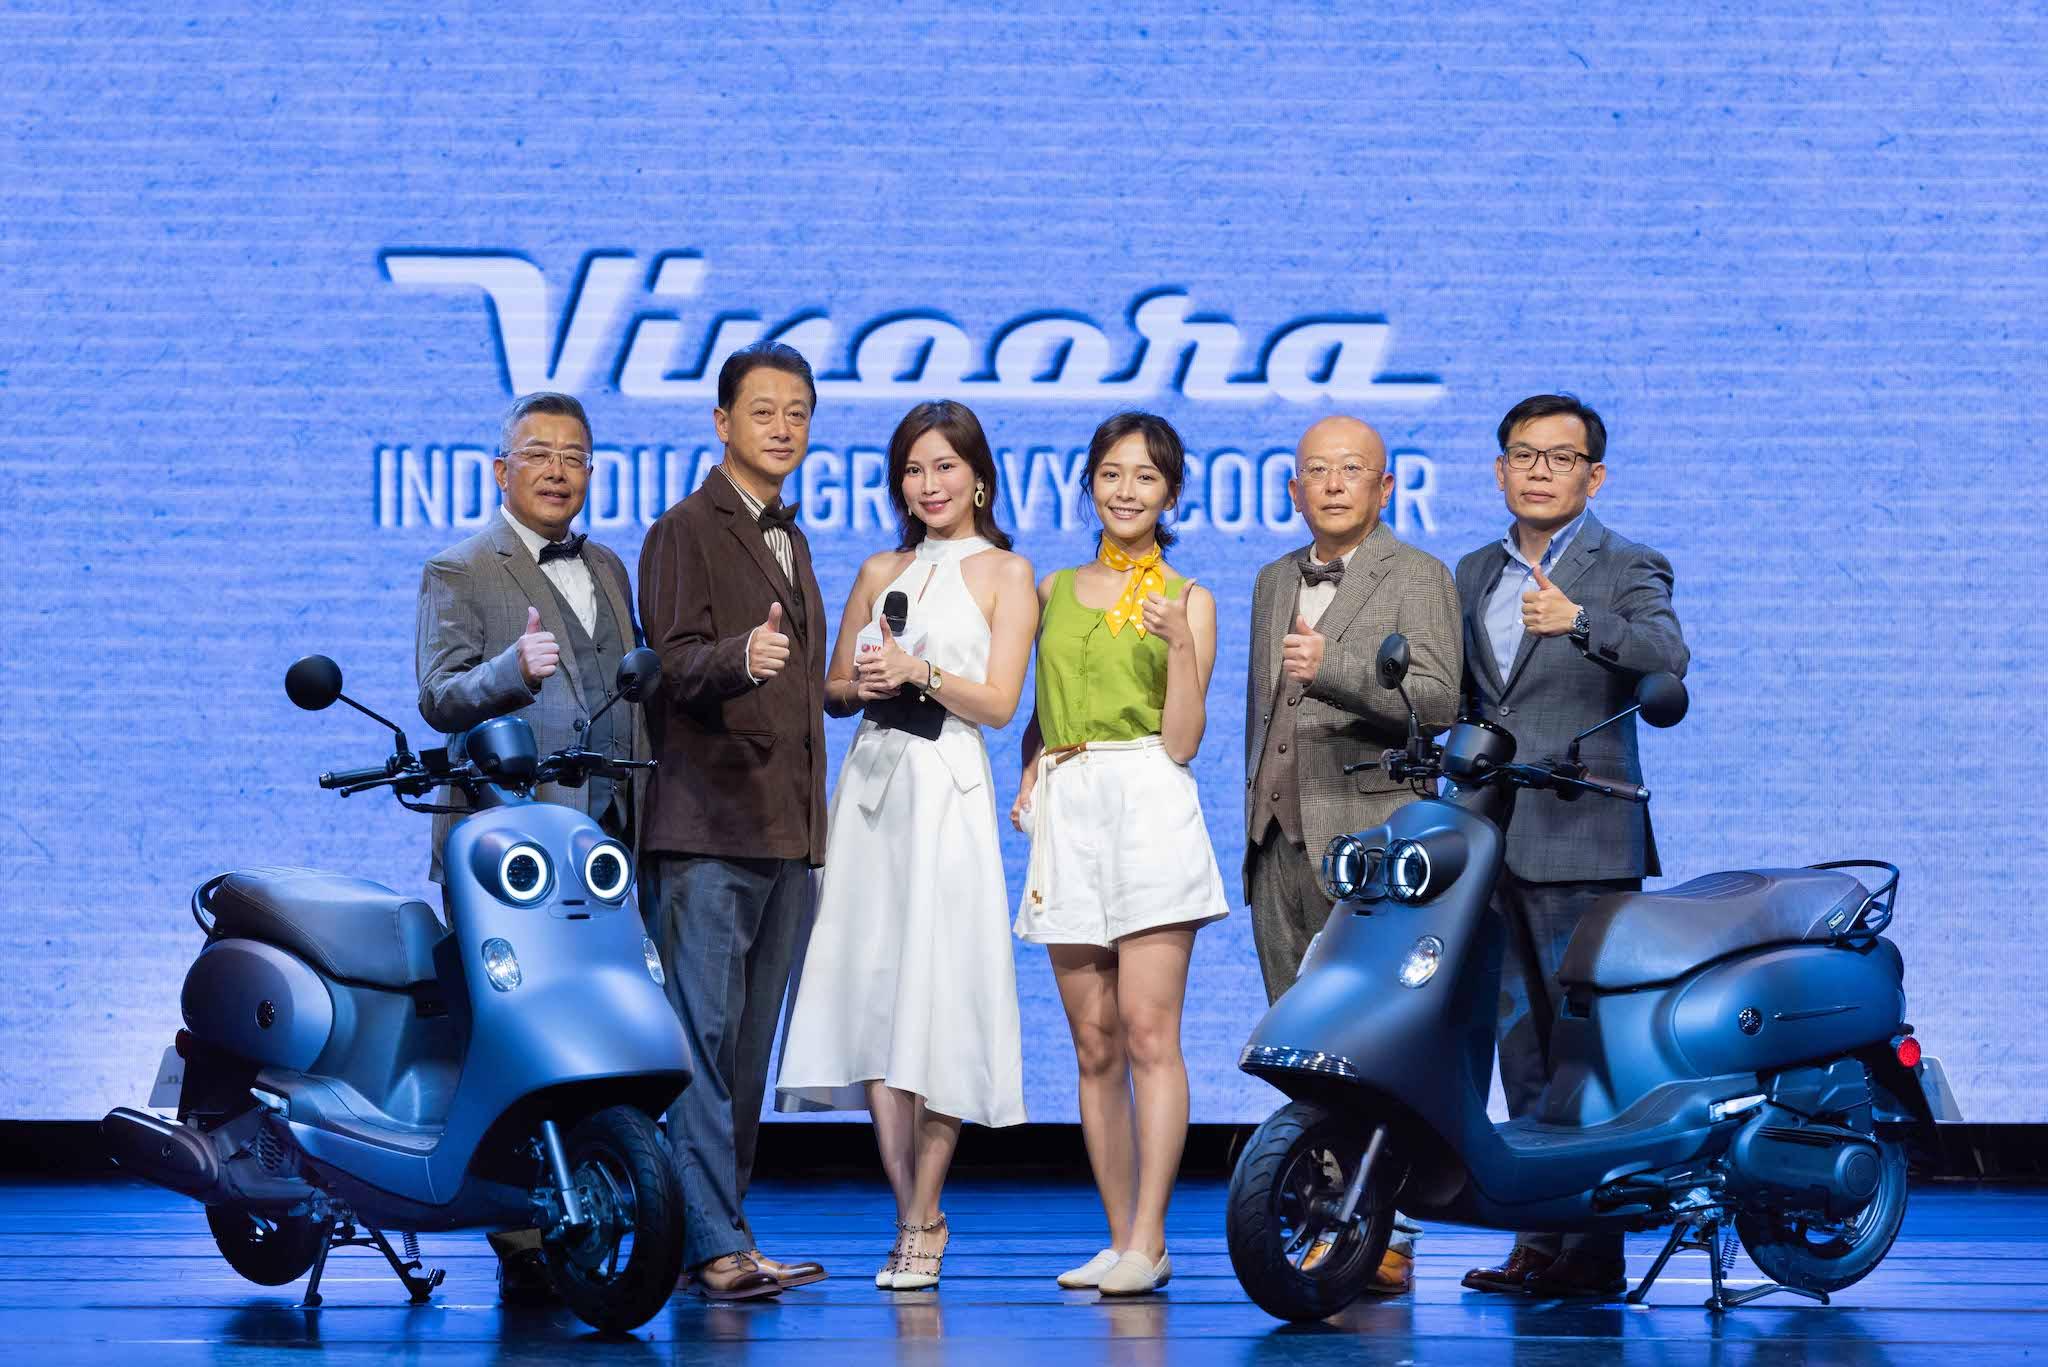 左到右:台灣山葉機車 副總經理 高晴珀、副董事長 武田真二、主持人HARUKA、特別來賓海莉、總經理 奧谷賢宏、總經理 許漢權。